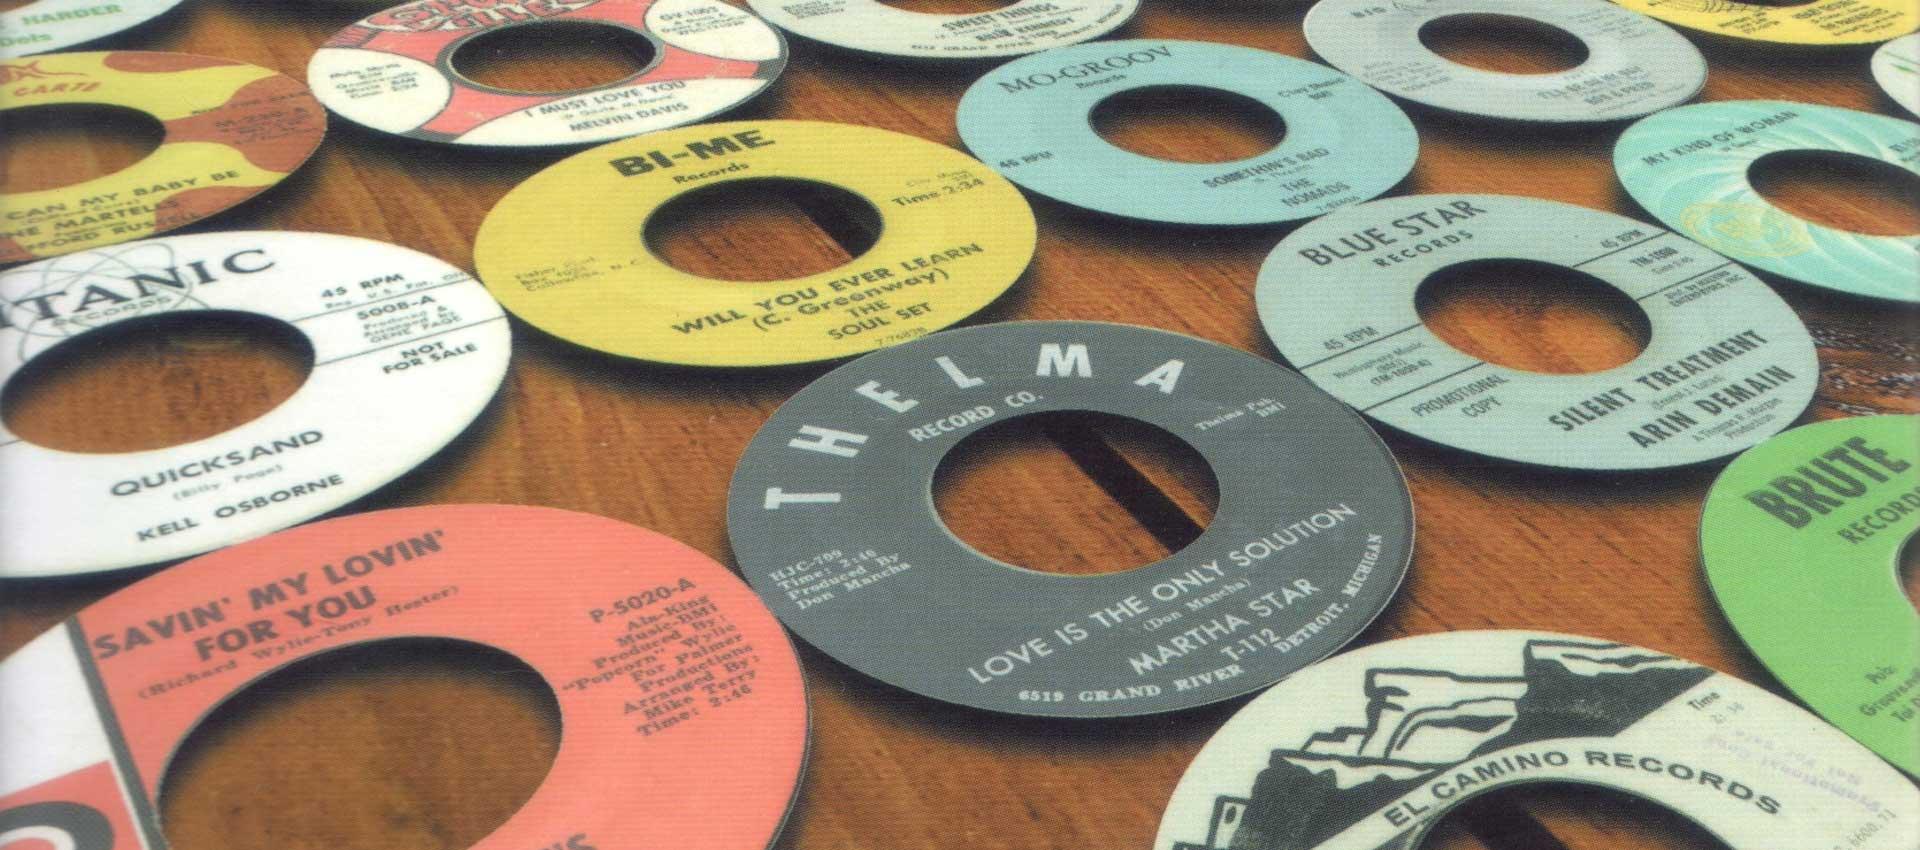 Thông tin tổng quan, khó khăn và kết quả đạt được của dự án Truth and Soul Records